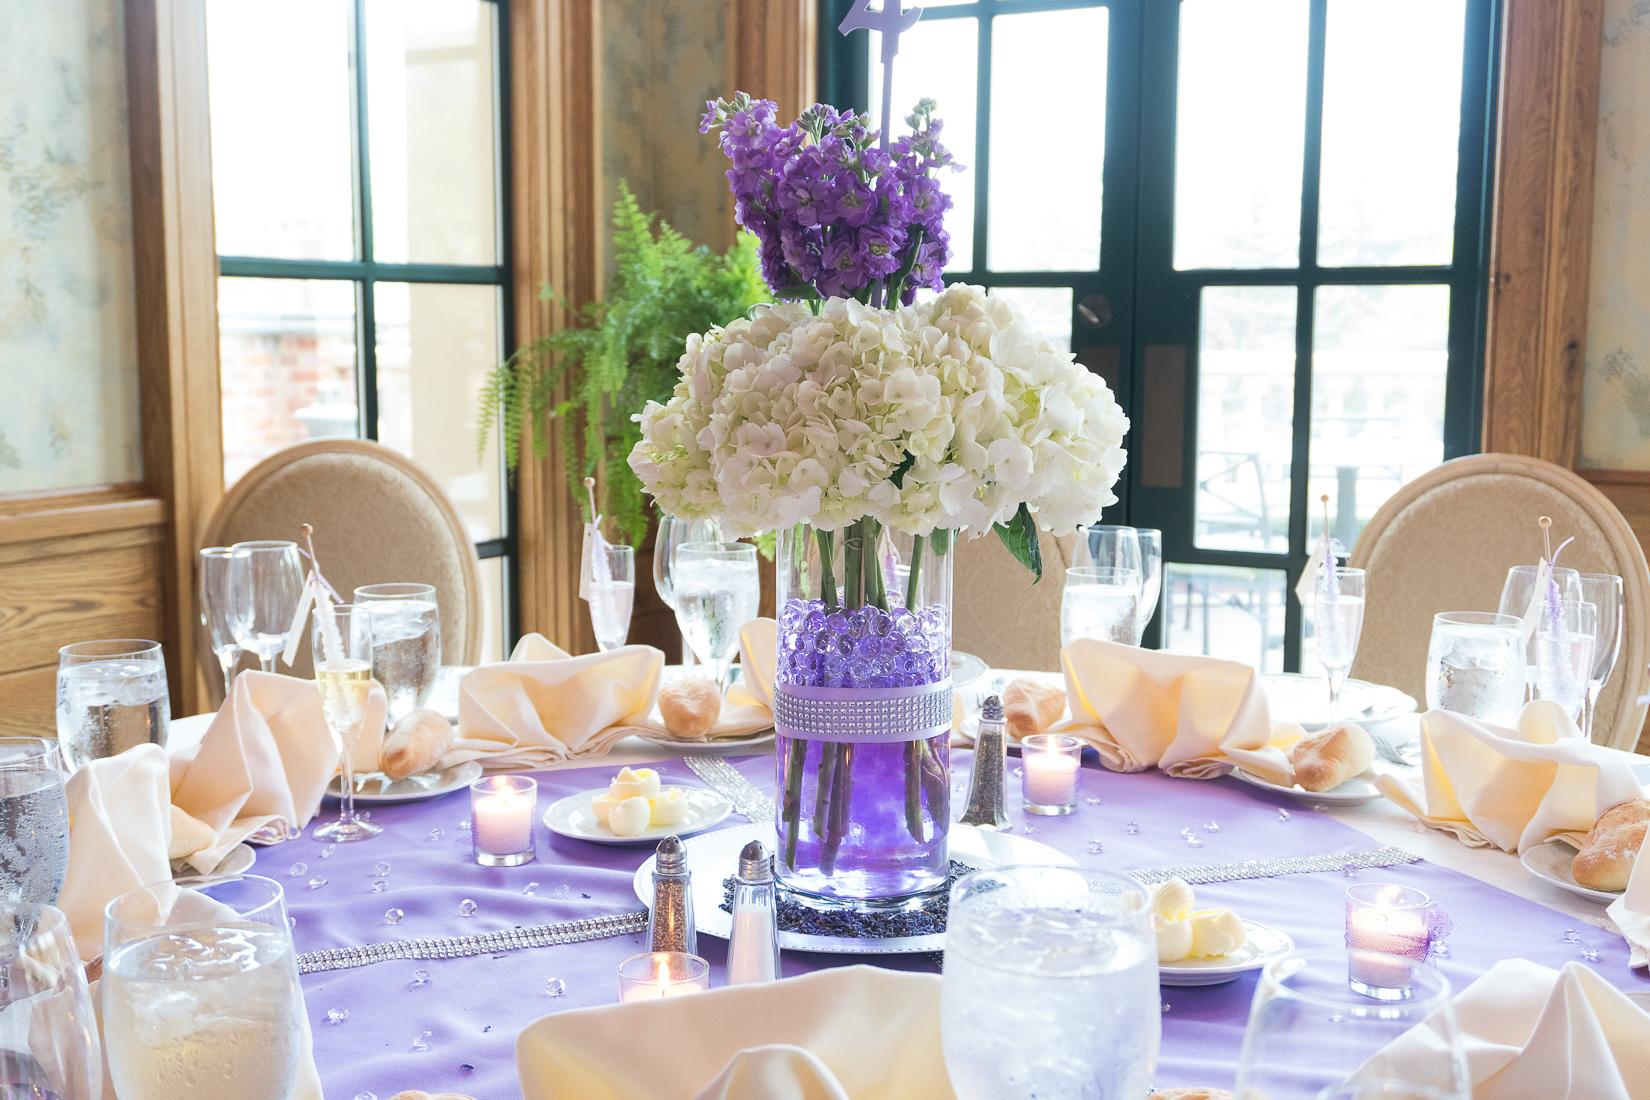 Manor-SouthOrange-NJ-wedding-0025.jpg